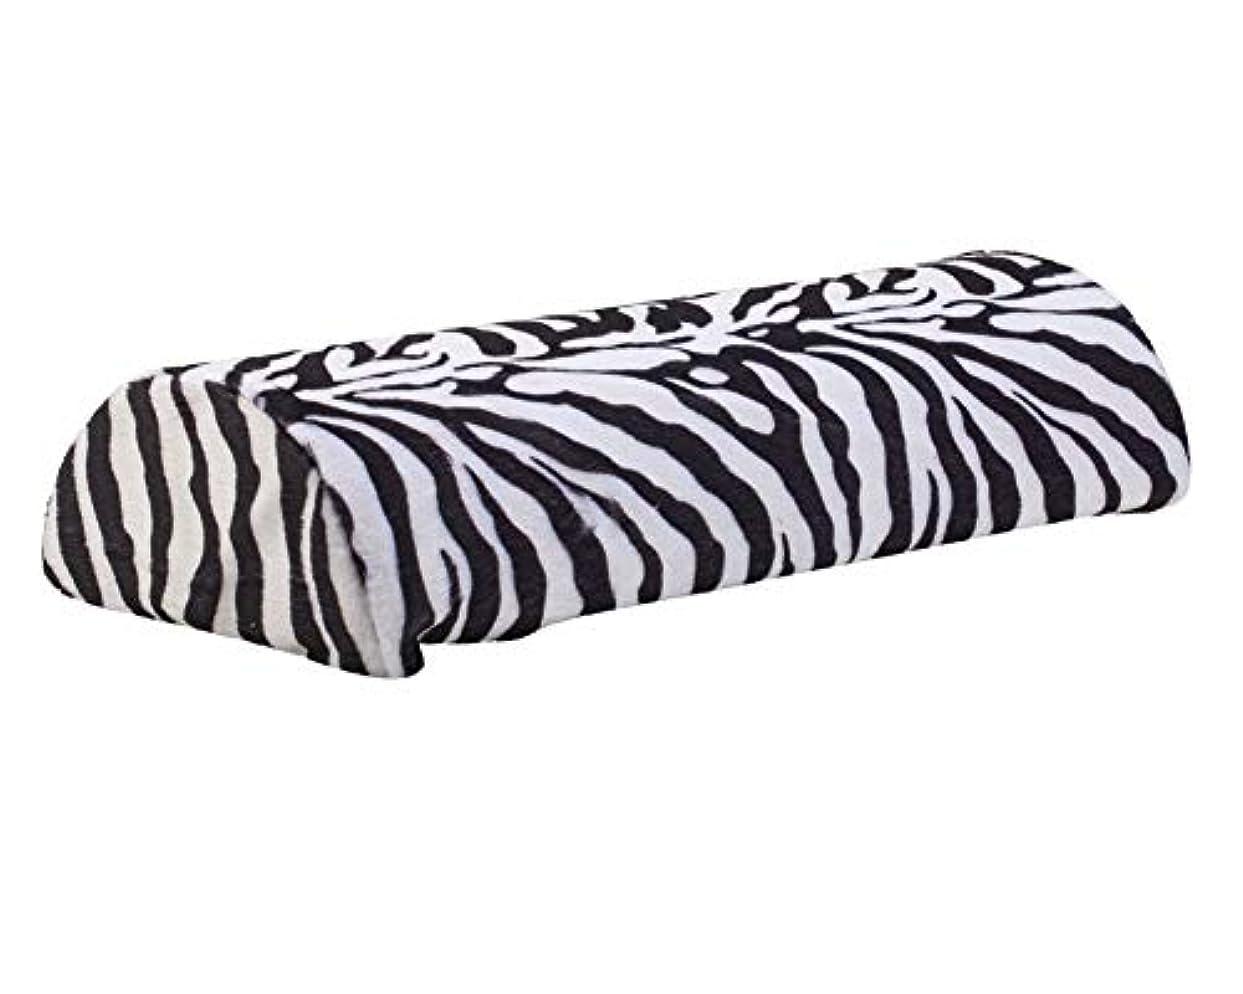 マニキュアとネイルアートデザインアプリケーションのための素晴らしい品質のプロフェッショナルサロンツールアクセサリーソフト枕/黒と白色のシマウマパターンでハンドレスト